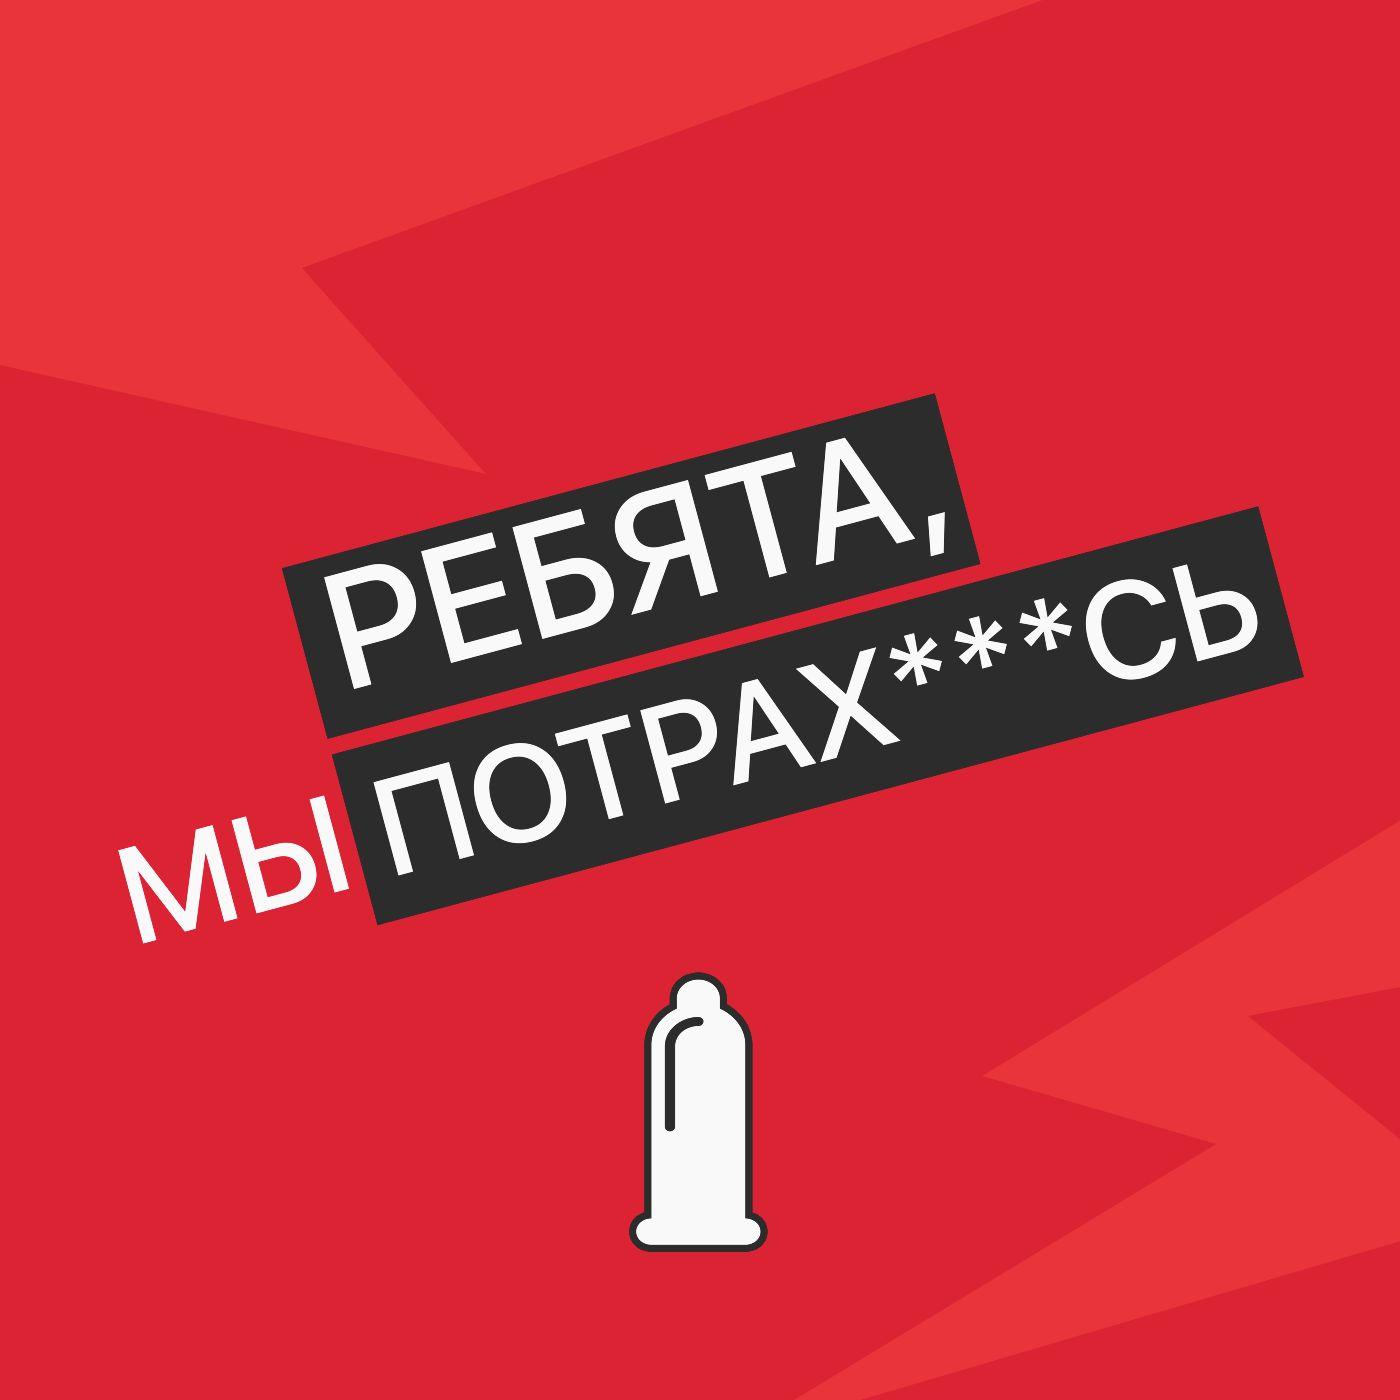 Творческий коллектив Mojomedia Выпуск № 65 творческий коллектив mojomedia выпуск 57